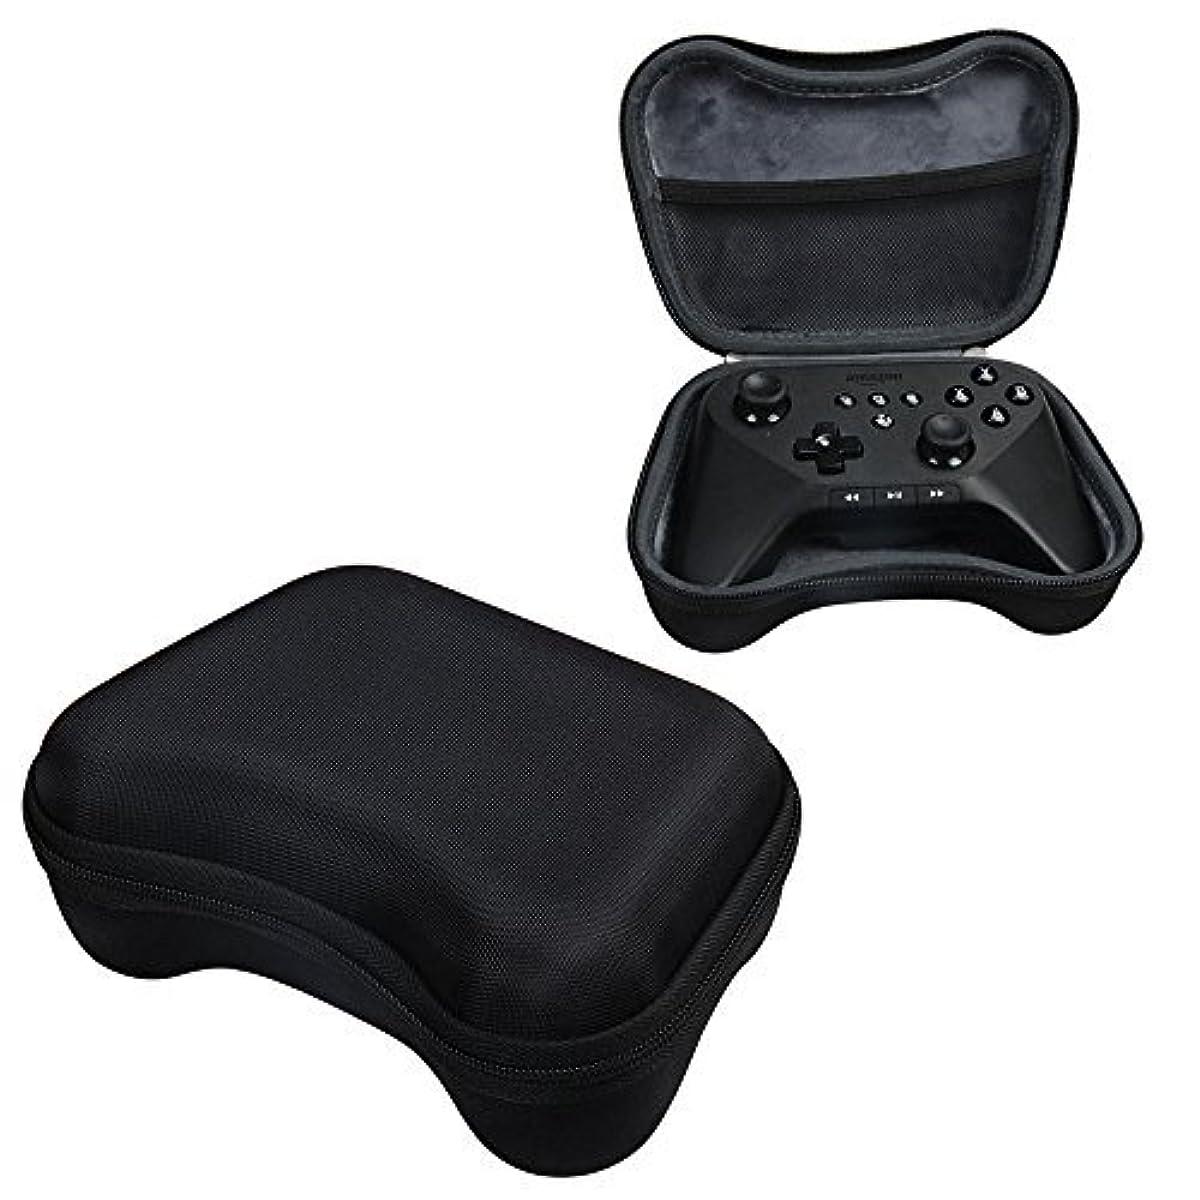 大工宣伝証明For Amazon Fire TV Game Controller Travel Hard EVA Protective Case Carrying Pouch Cover Bag Compact size by Hermitshell by Hermitshell [並行輸入品]